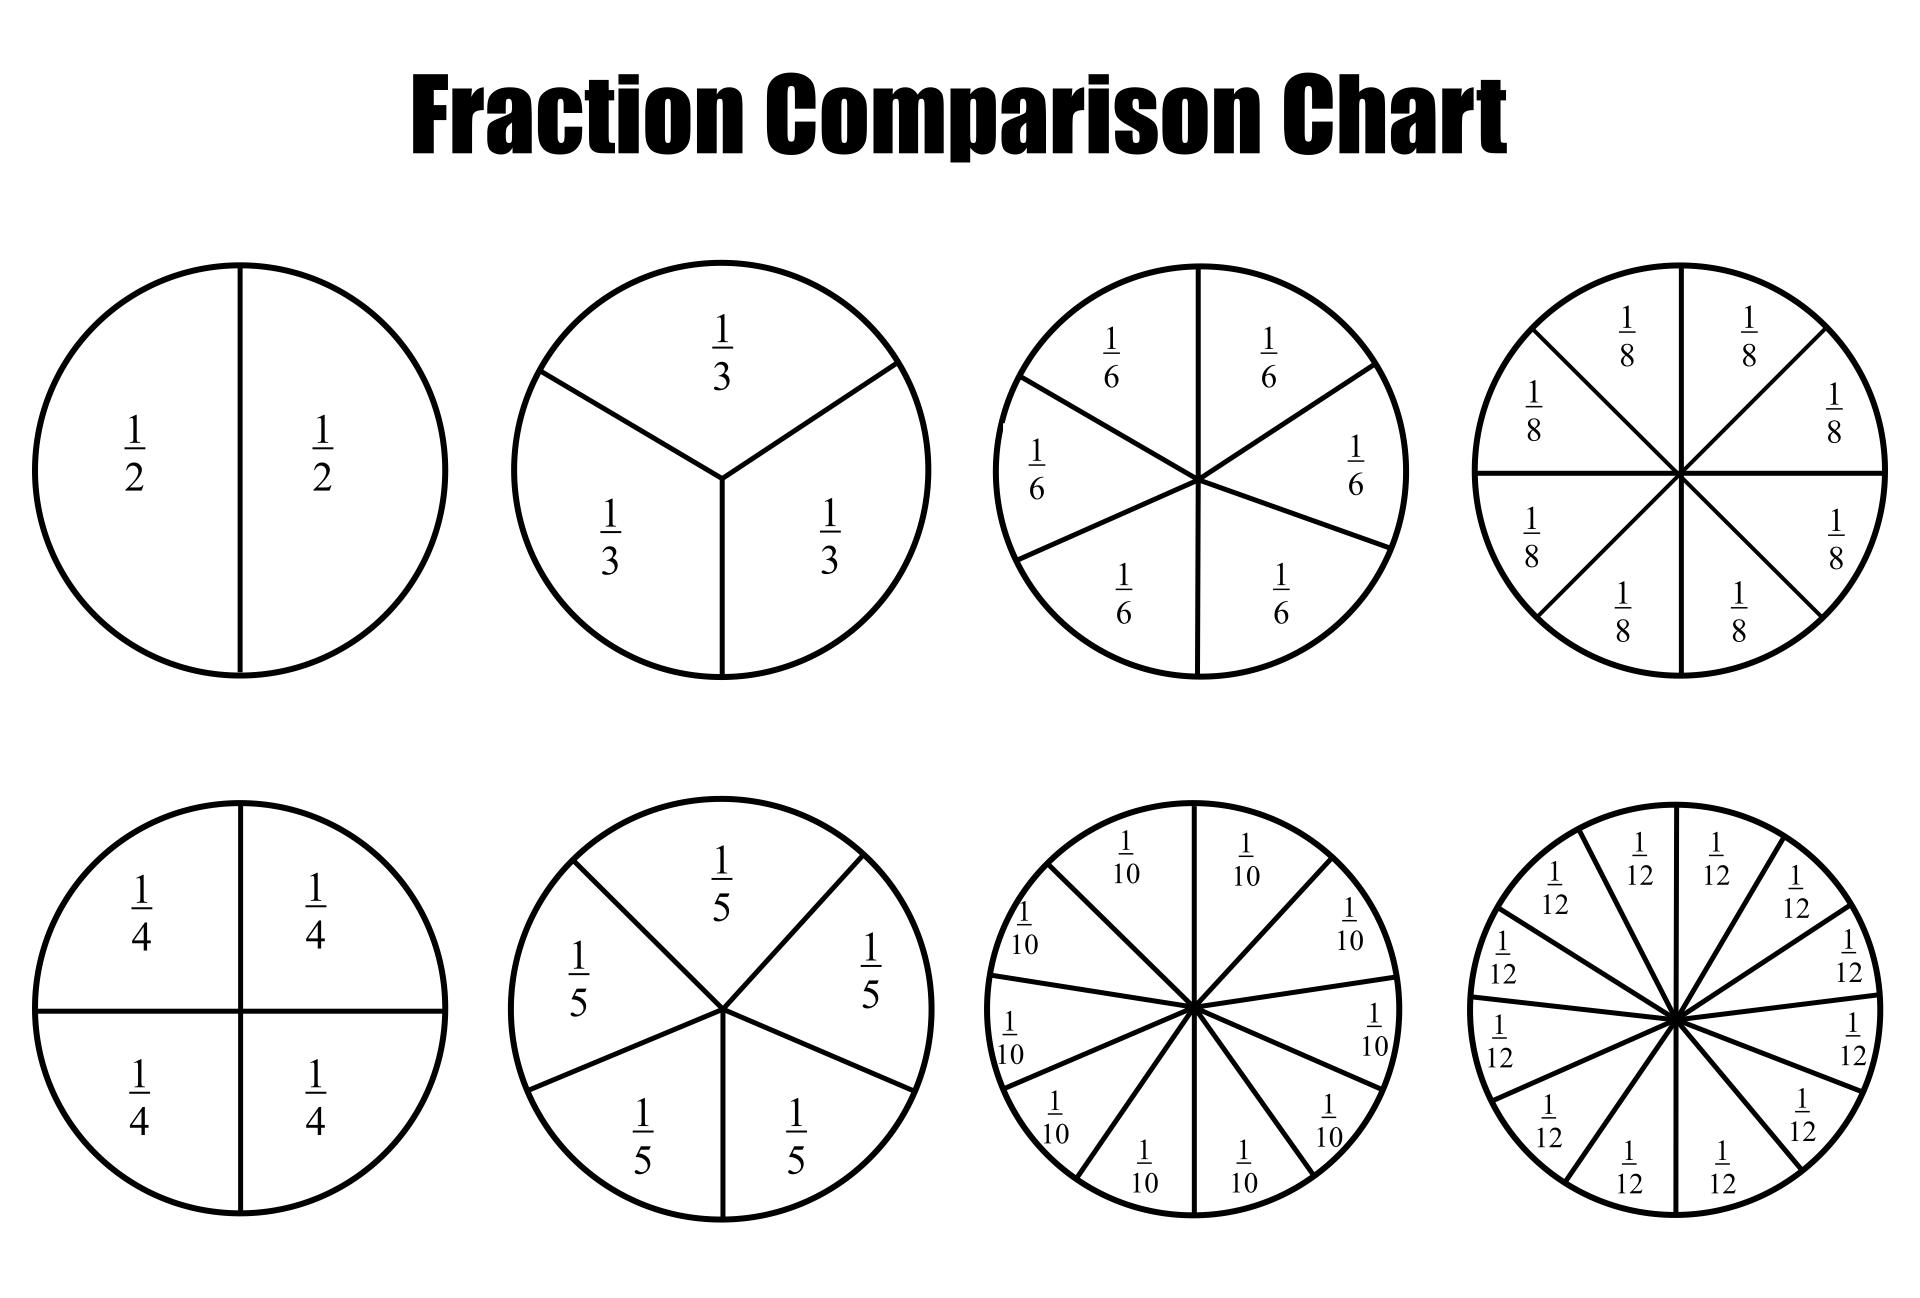 Fraction Comparison Chart Printable